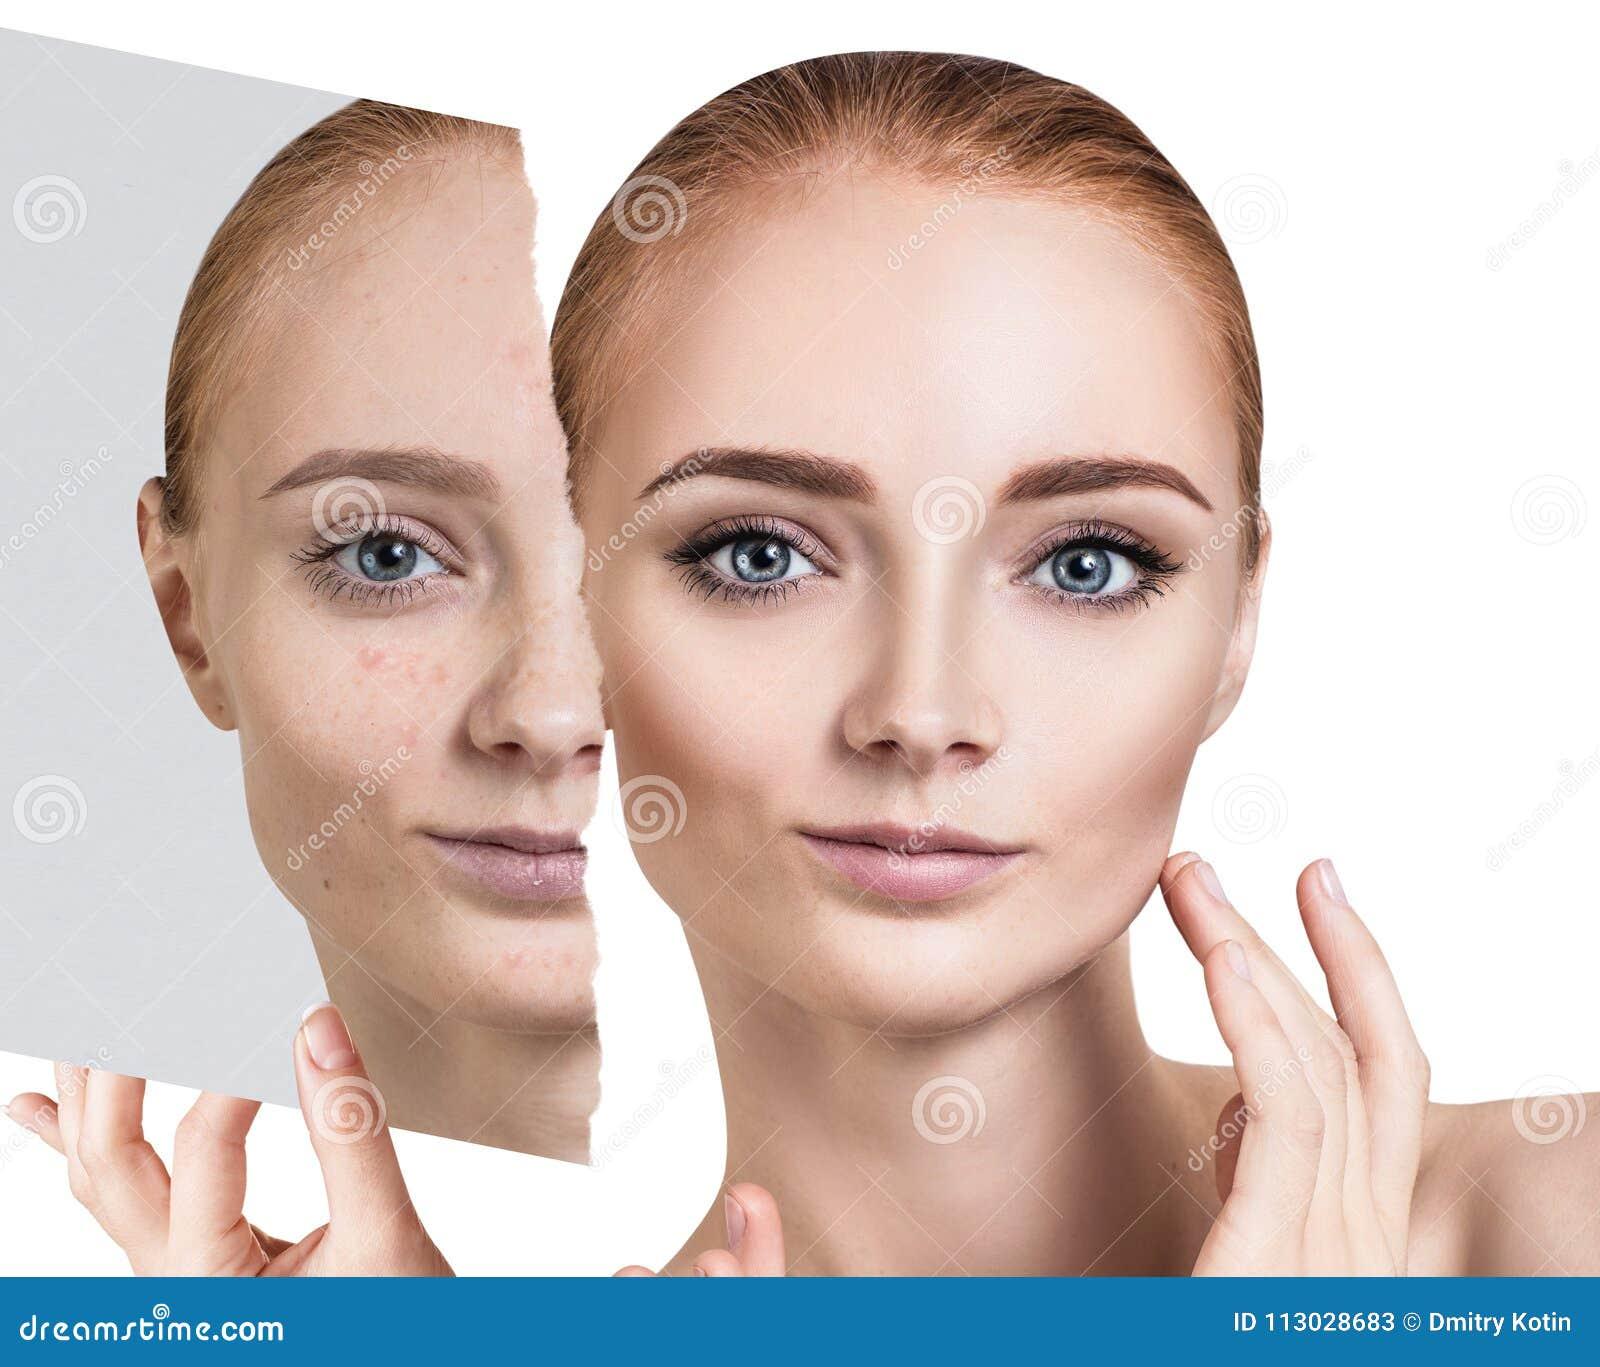 Compare de la foto vieja con acné y nueva piel sana